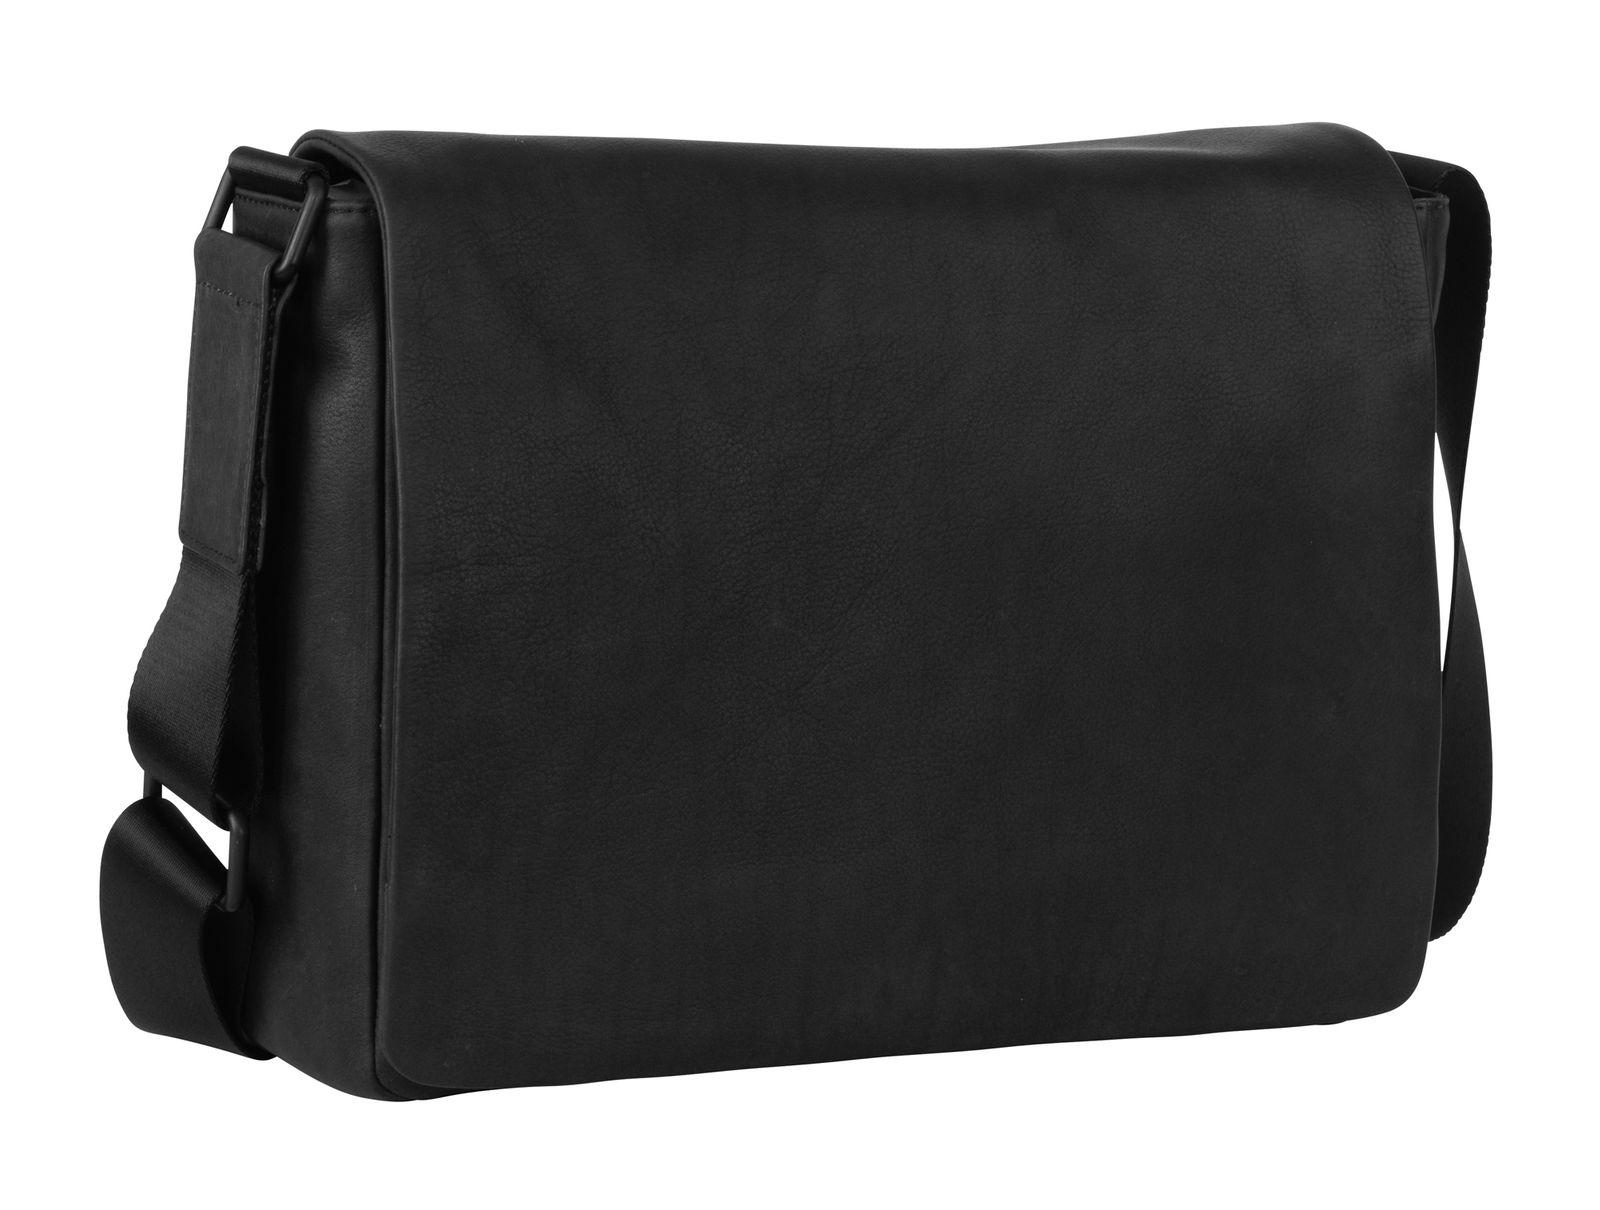 LEONHARD HEYDEN Den Haag Messenger Bag L Black